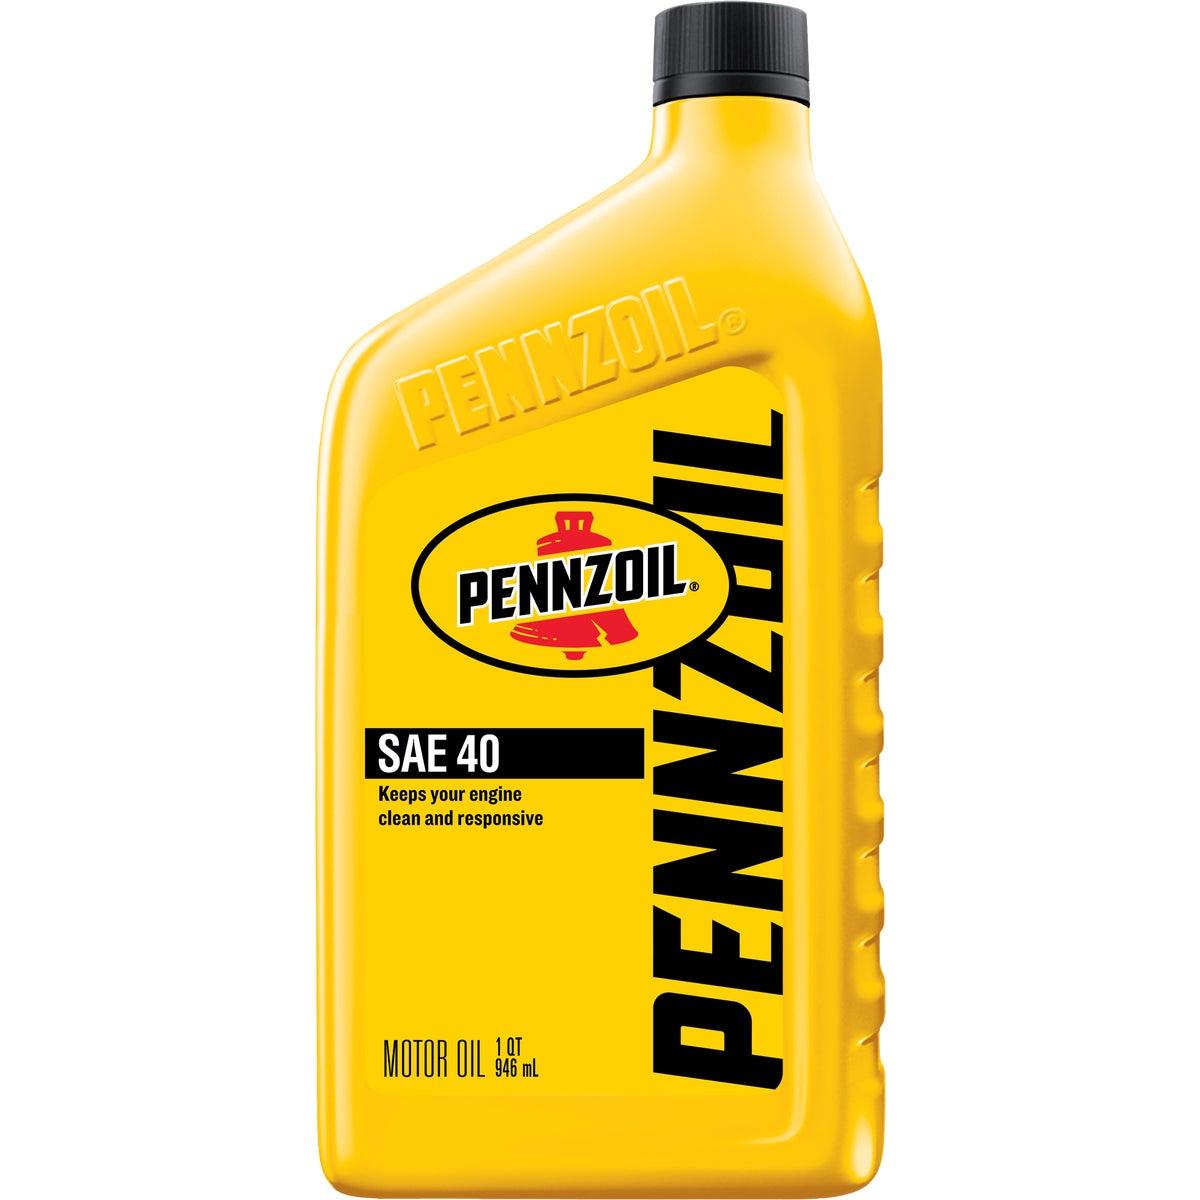 SAE40 PENNZOIL MOTOR OIL